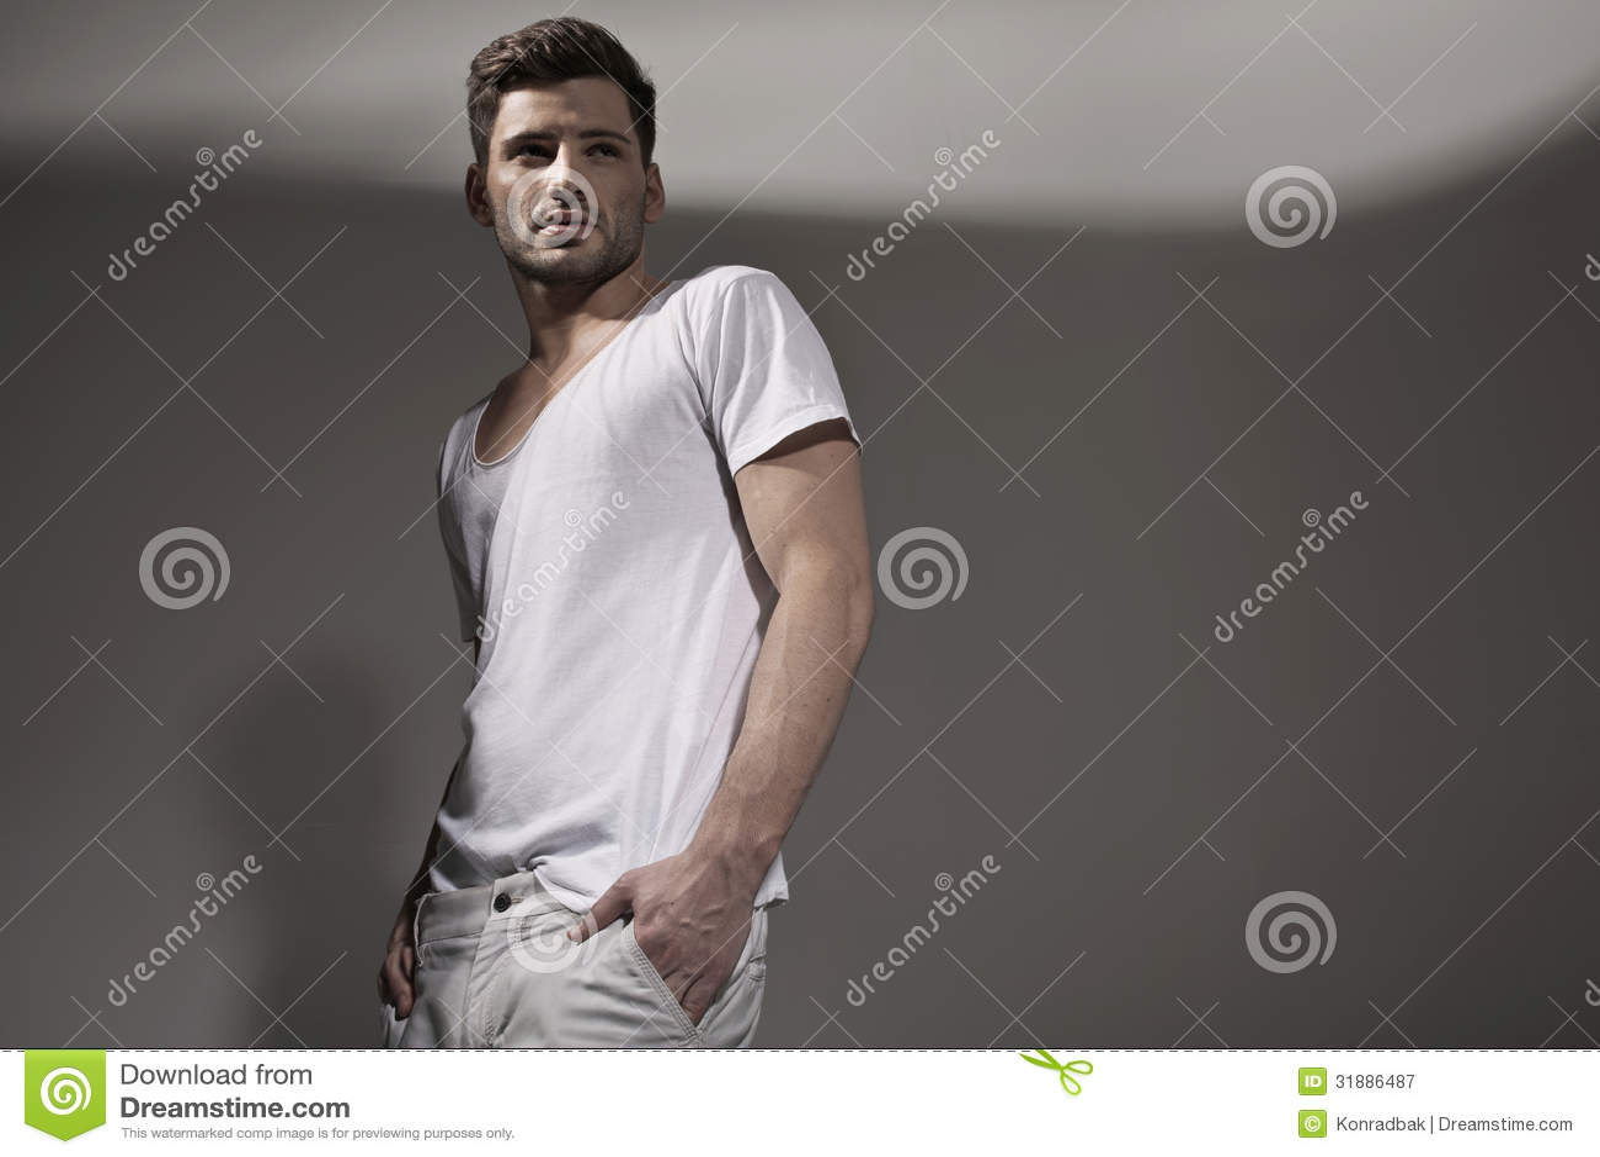 Vestiti d 39 uso della molla dell 39 uomo bello muscolare for Planimetrie della caverna dell uomo